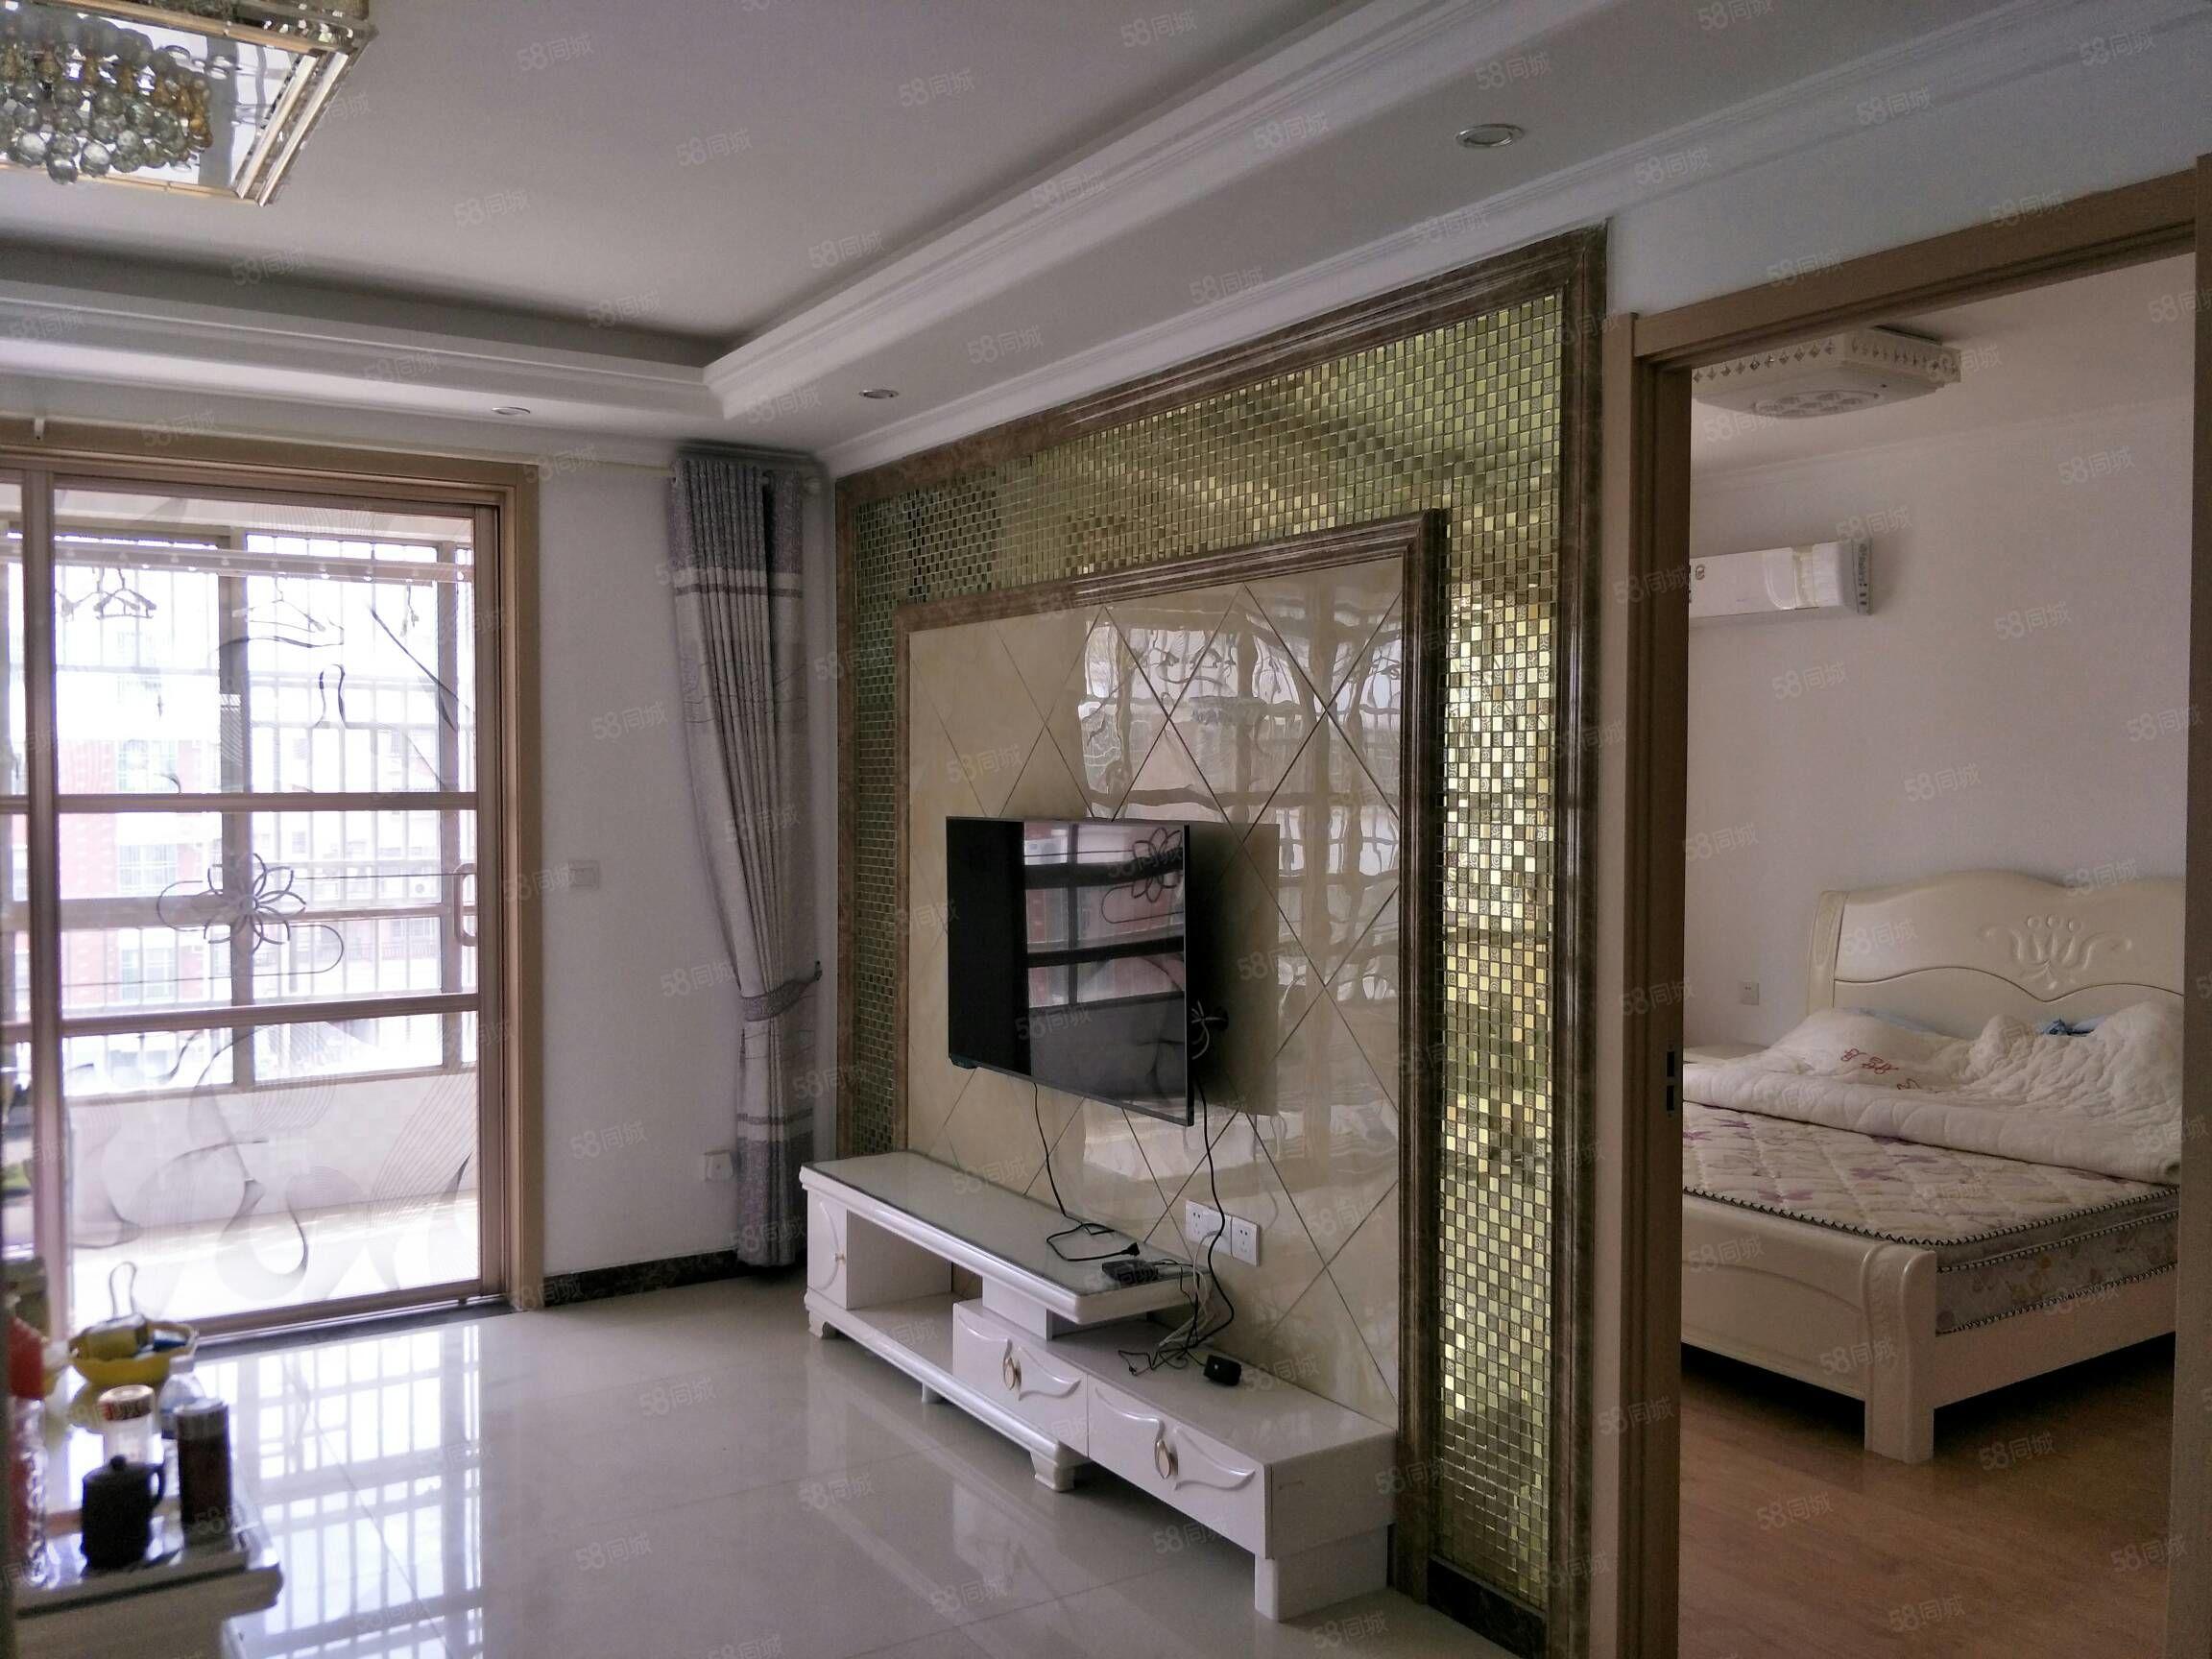 和諧山莊三室兩廳123米4樓邊戶證全113萬